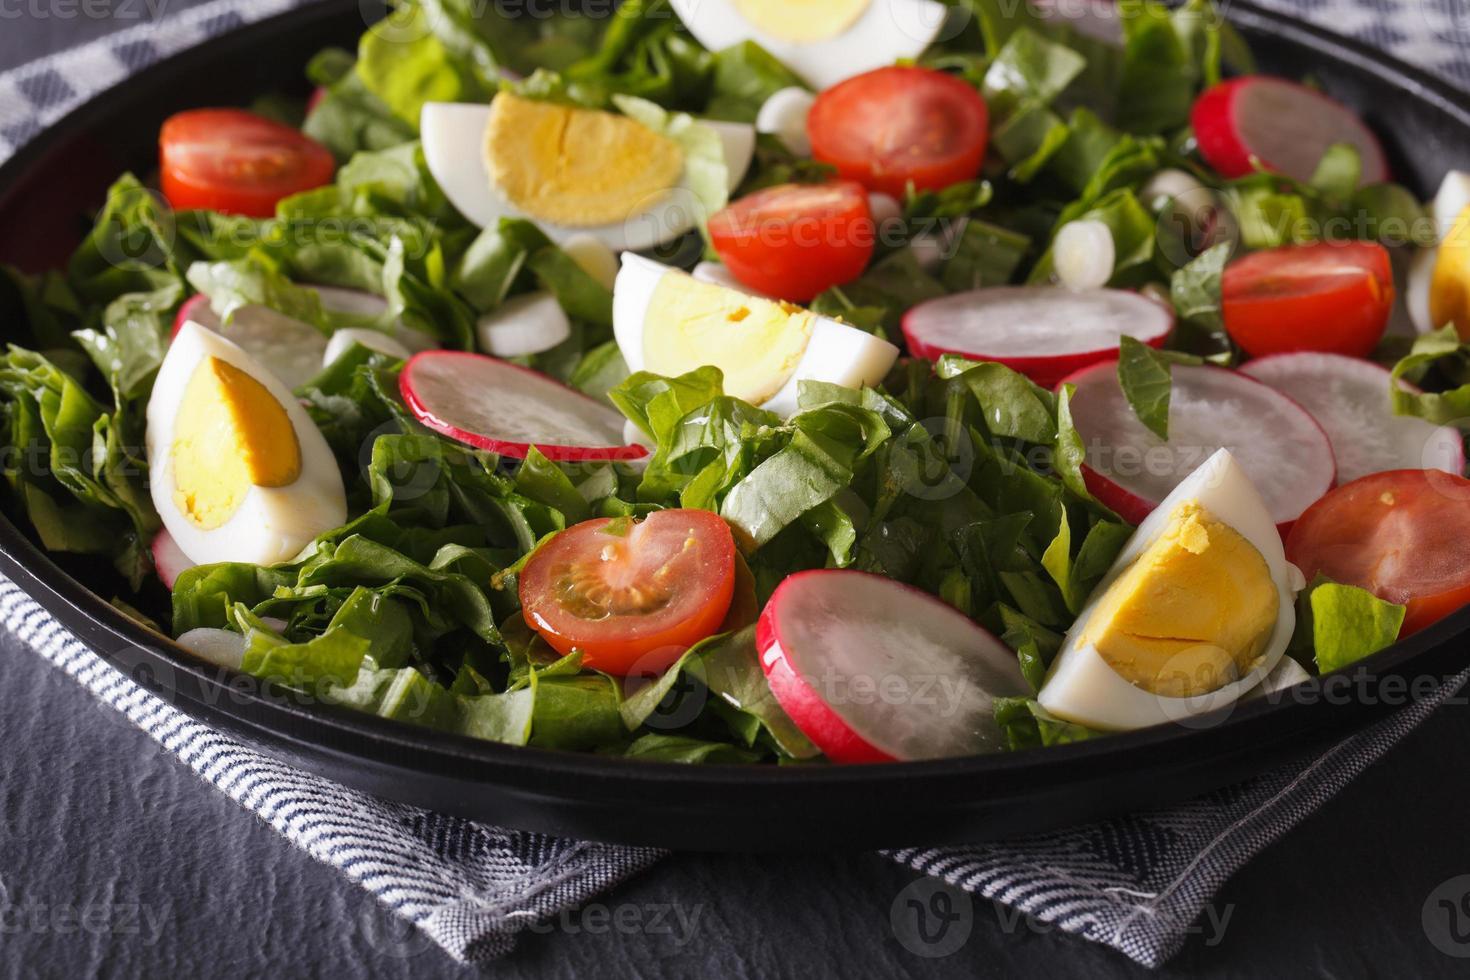 insalata con uova e verdure primaverili close-up, orizzontale foto